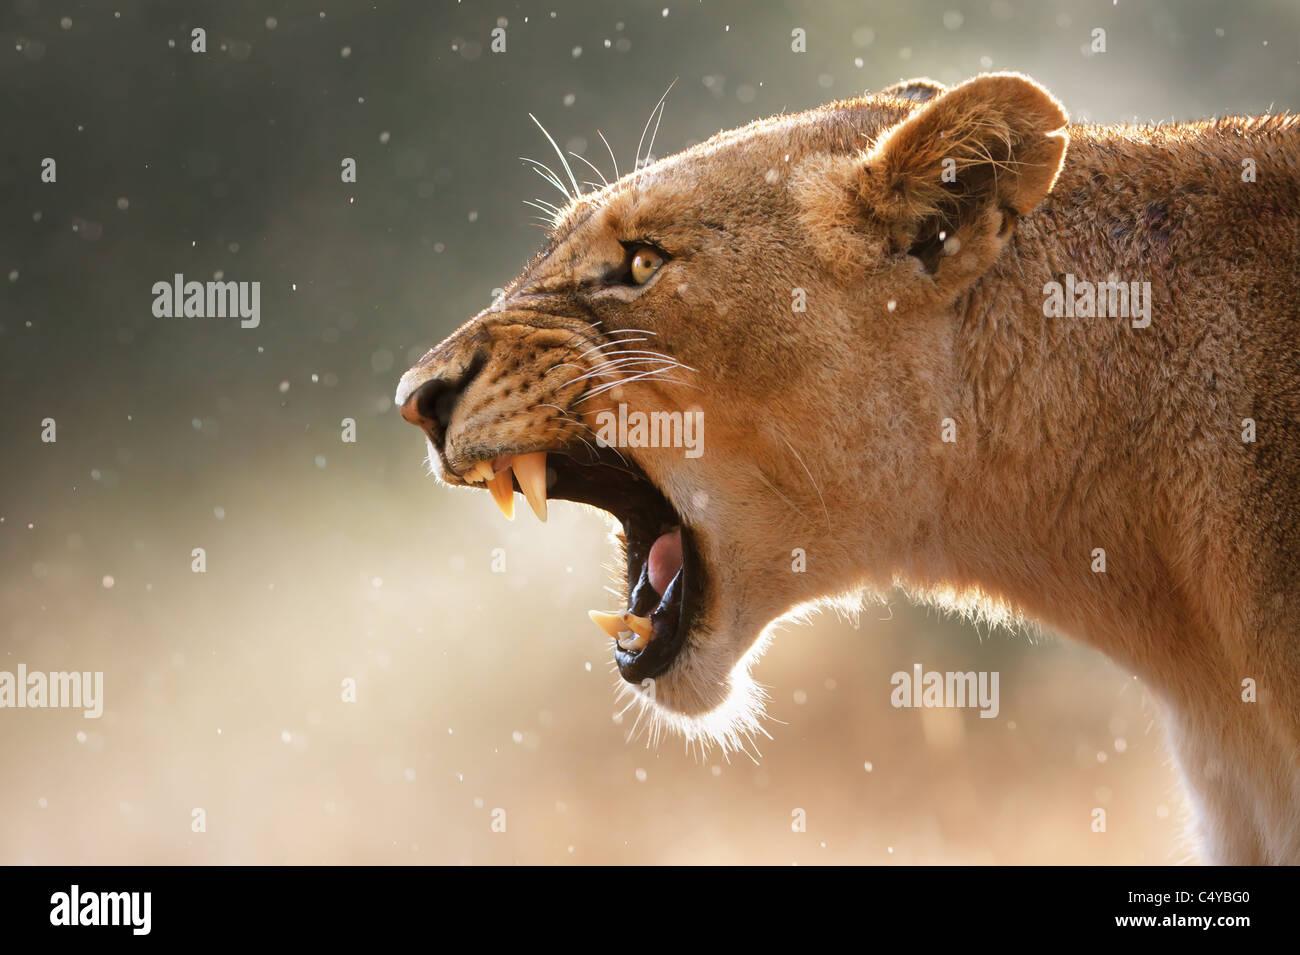 Löwin zeigt gefährliche Zähne während leichte Regenschauer - Krüger National Park - Süd Stockbild